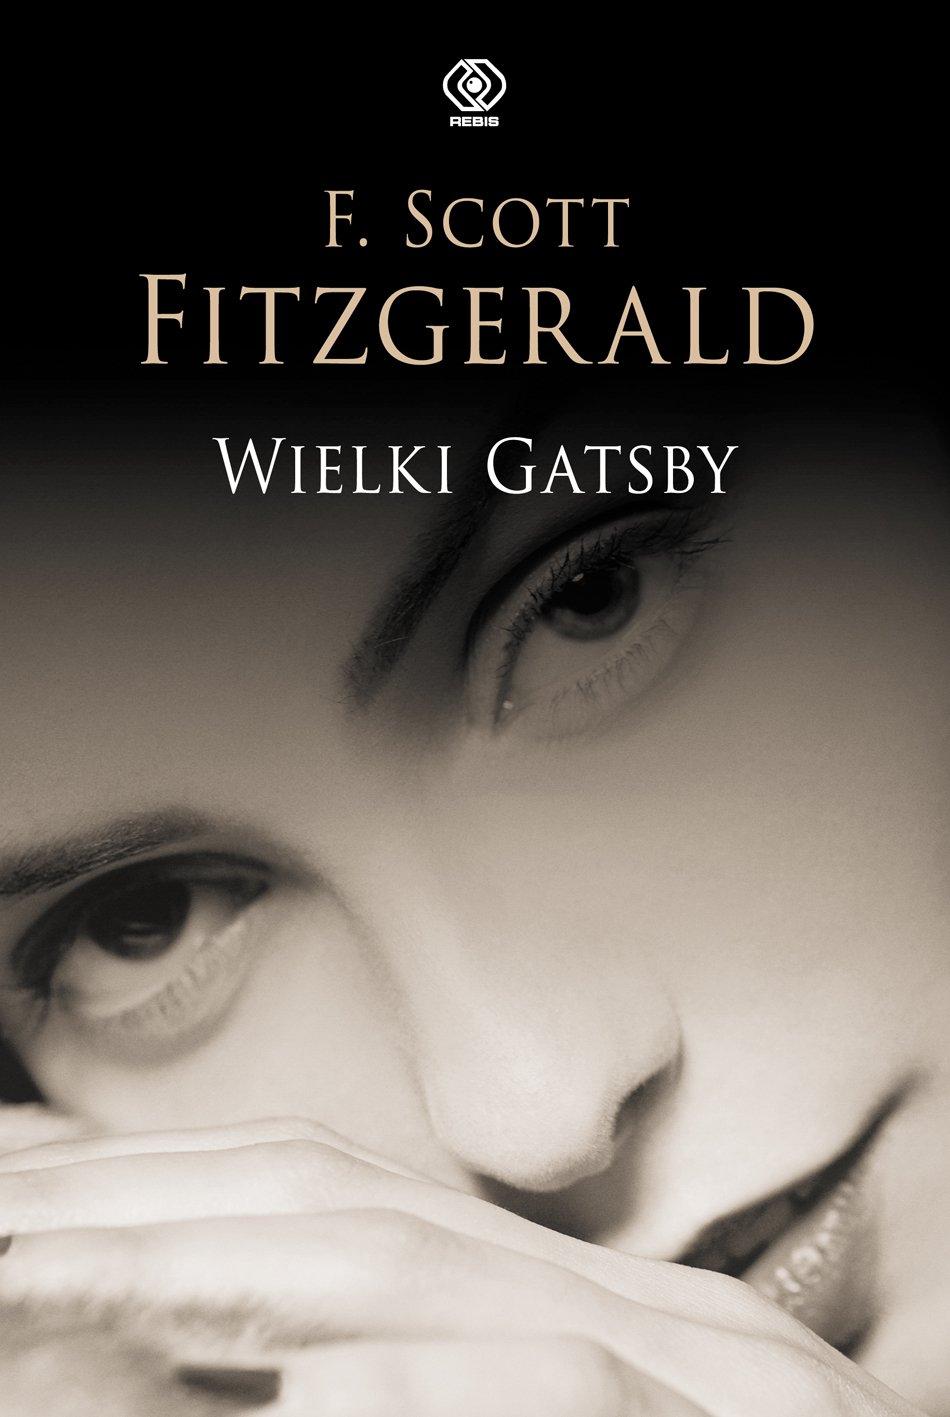 Wielki Gatsby - Ebook (Książka EPUB) do pobrania w formacie EPUB